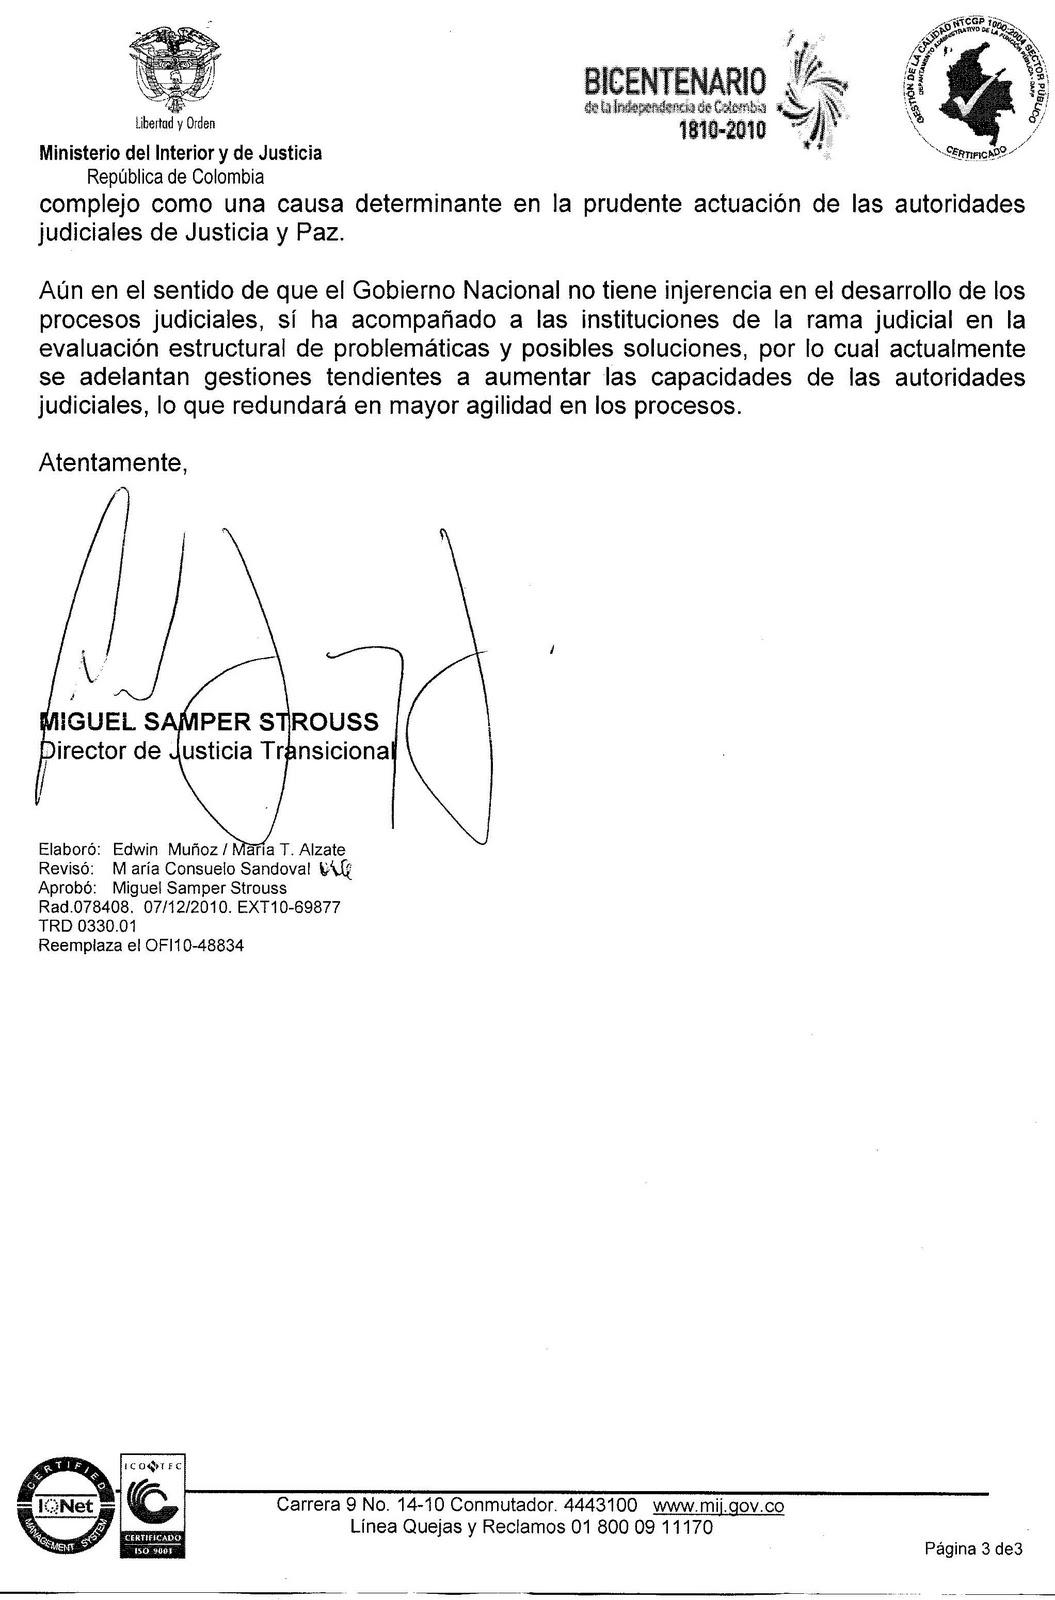 Respuesta a comunicaci n enviada al se or presidente de la Intranet ministerio de interior y justicia